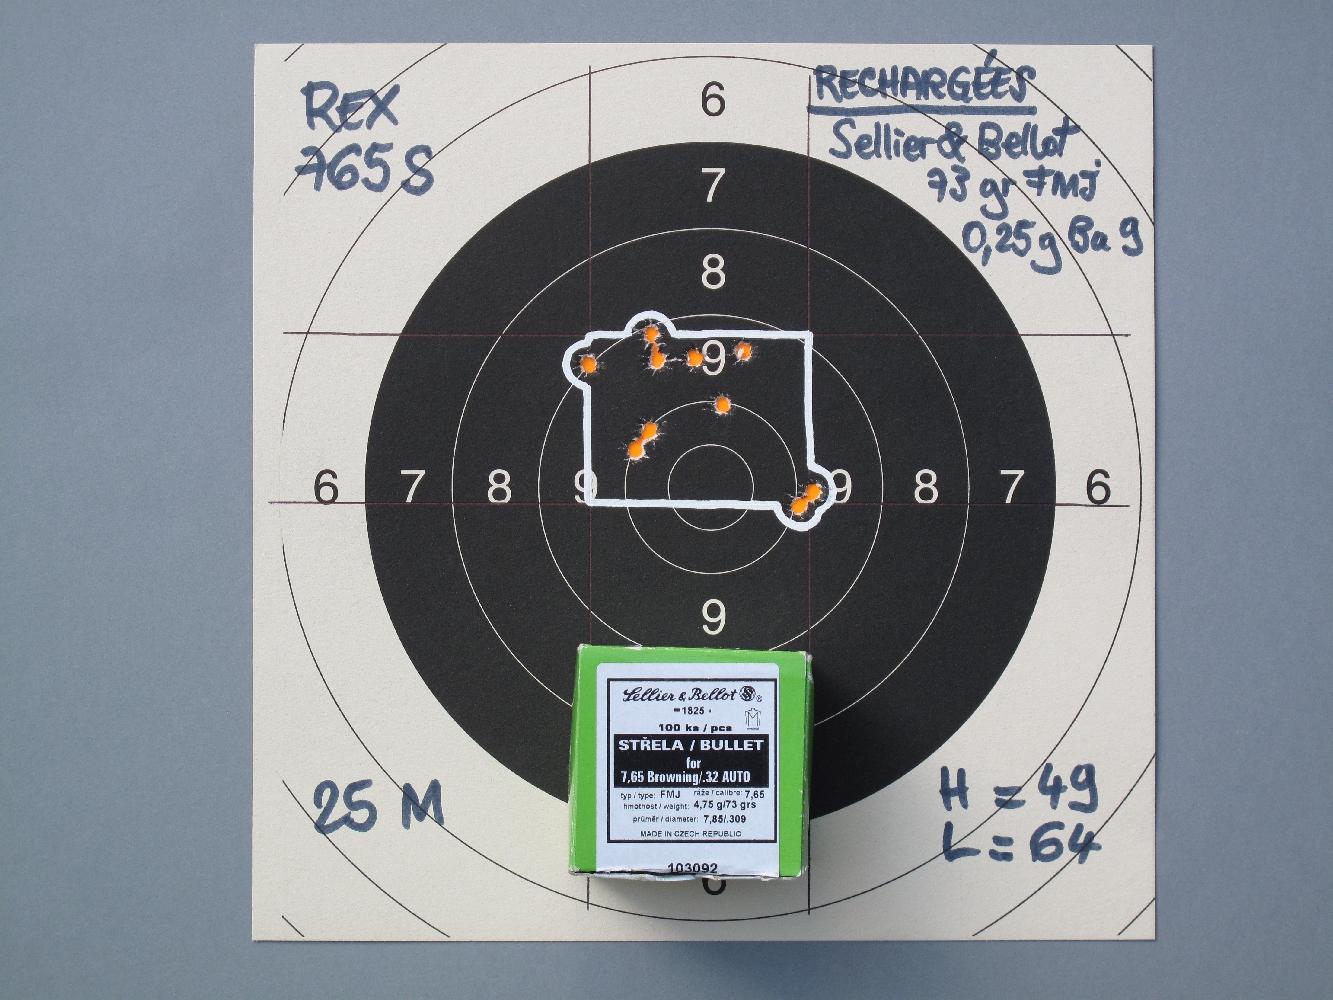 Les cibles, réalisées sur appui à la distance de 25 mètres, démontrent une nette dualité entre la médiocre précision des munitions manufacturées et la précision très correcte de nos cartouches rechargées.